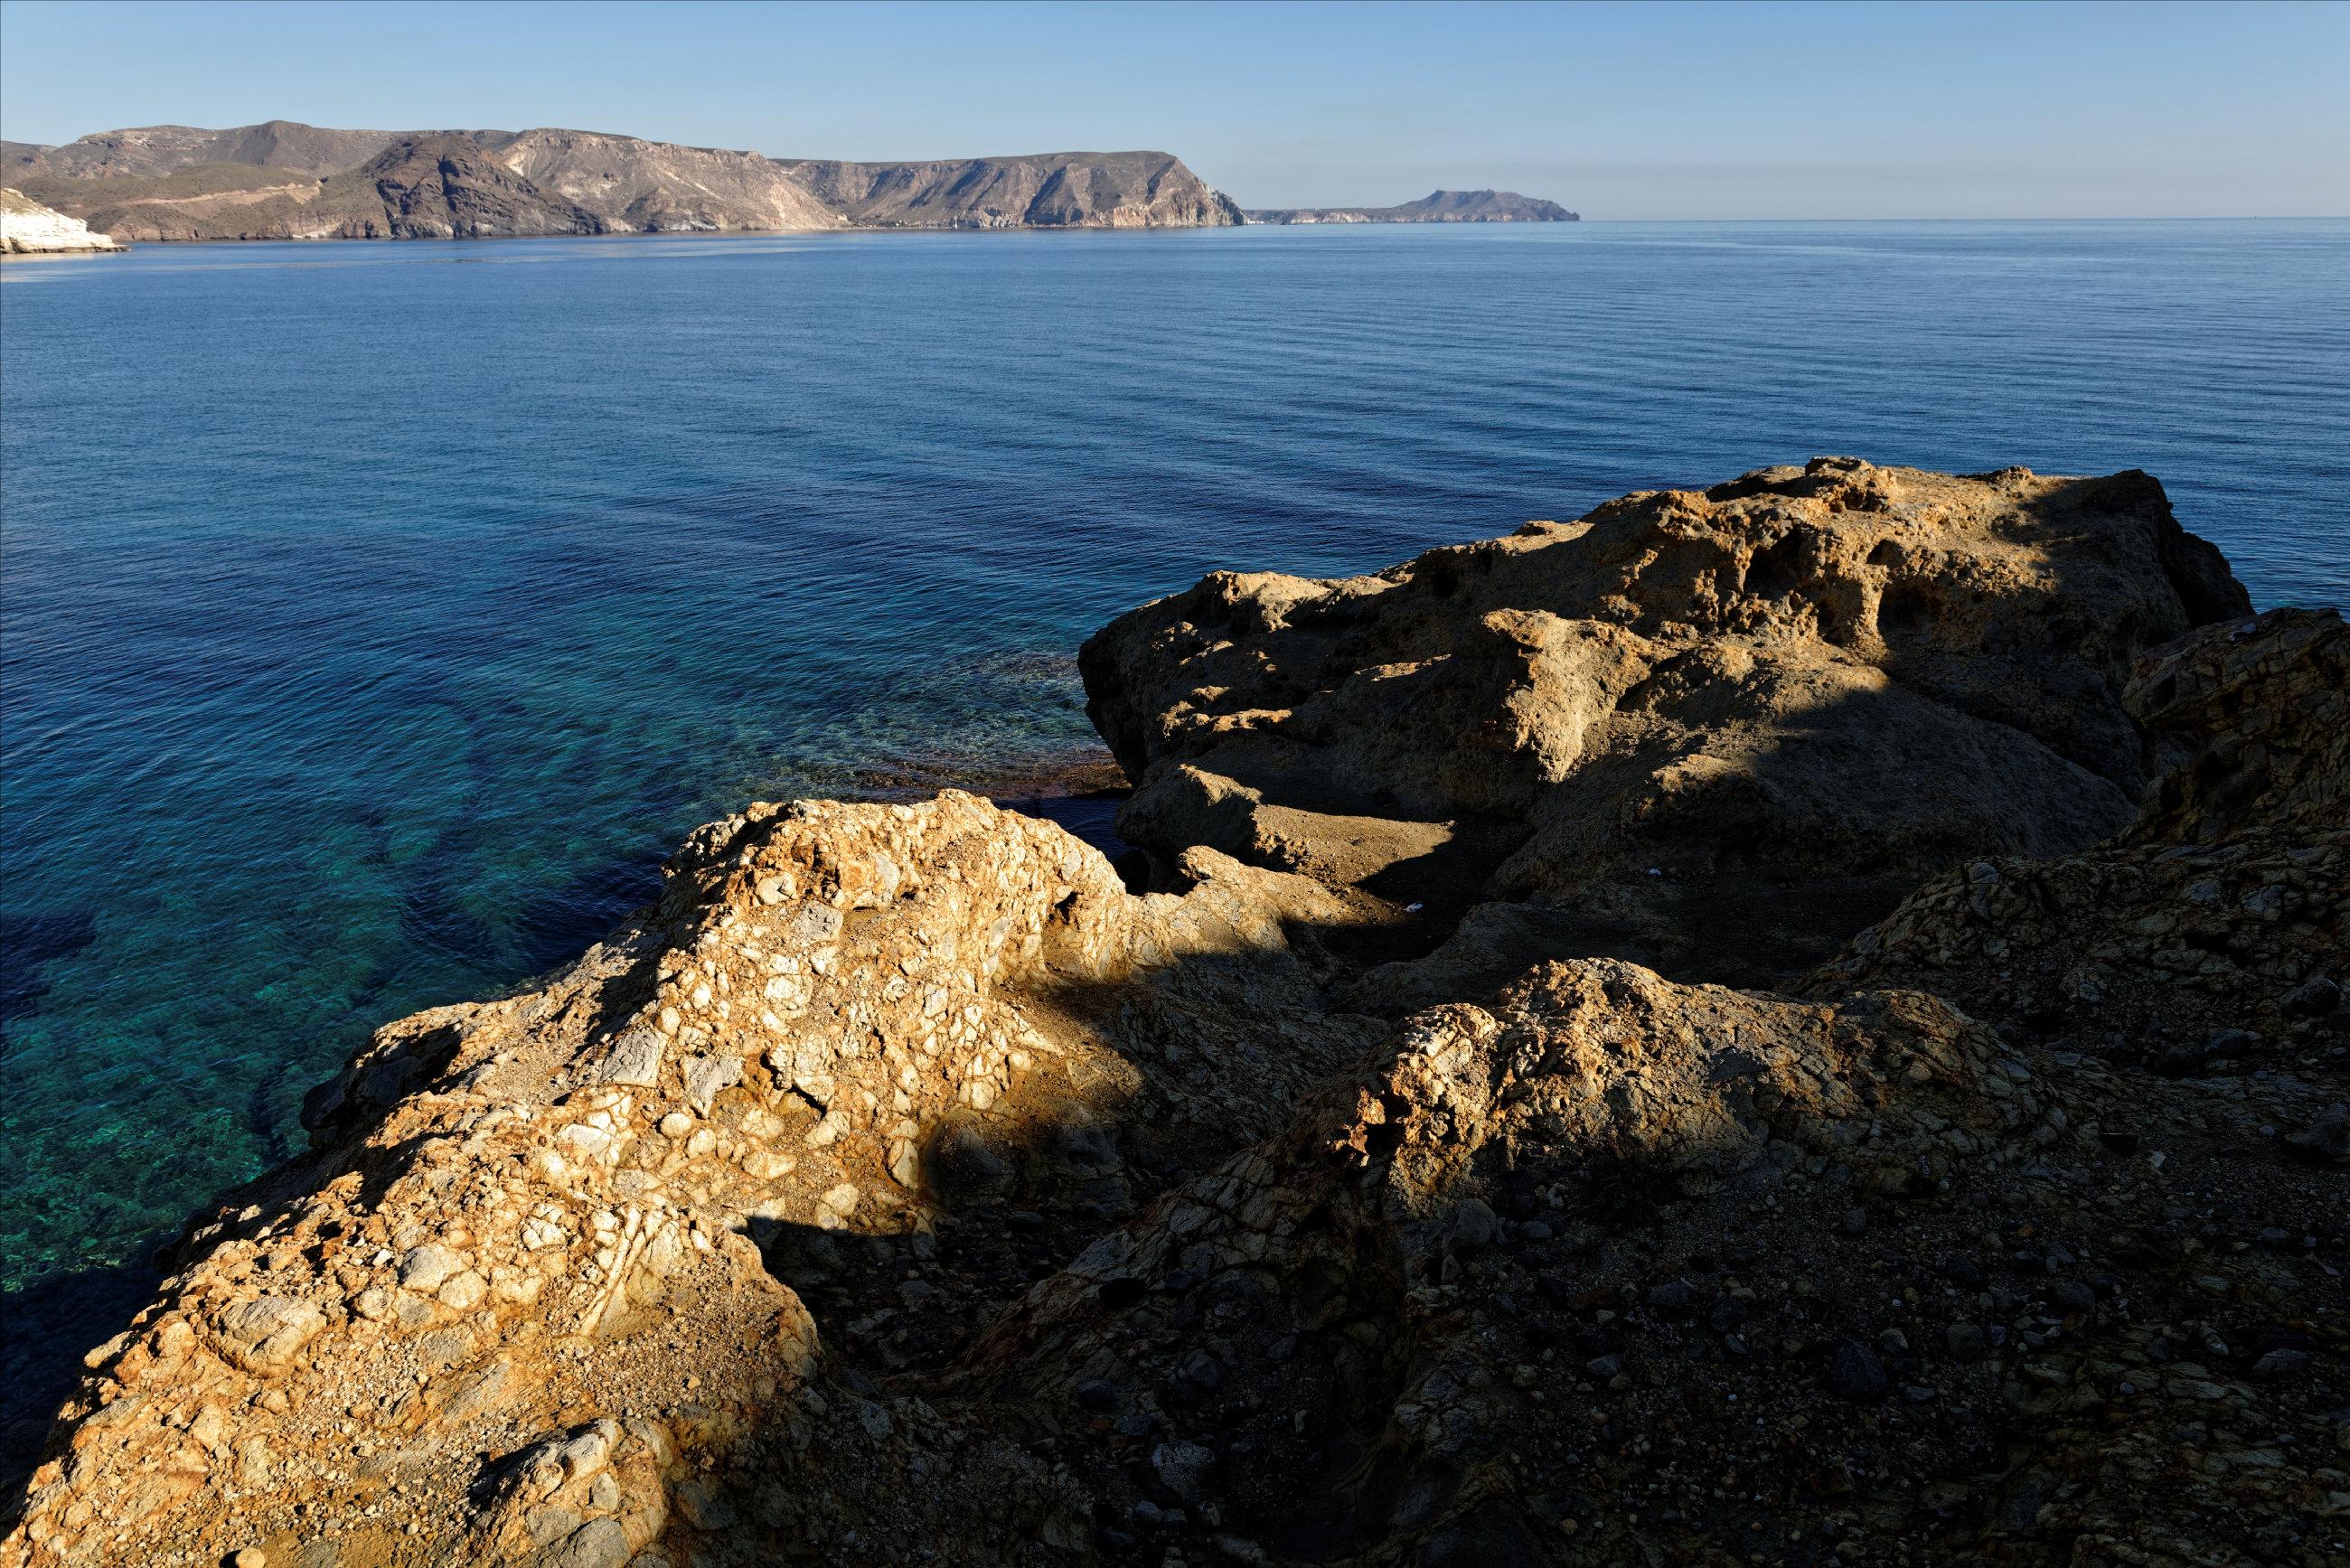 151106-Playa el Playazo (20)